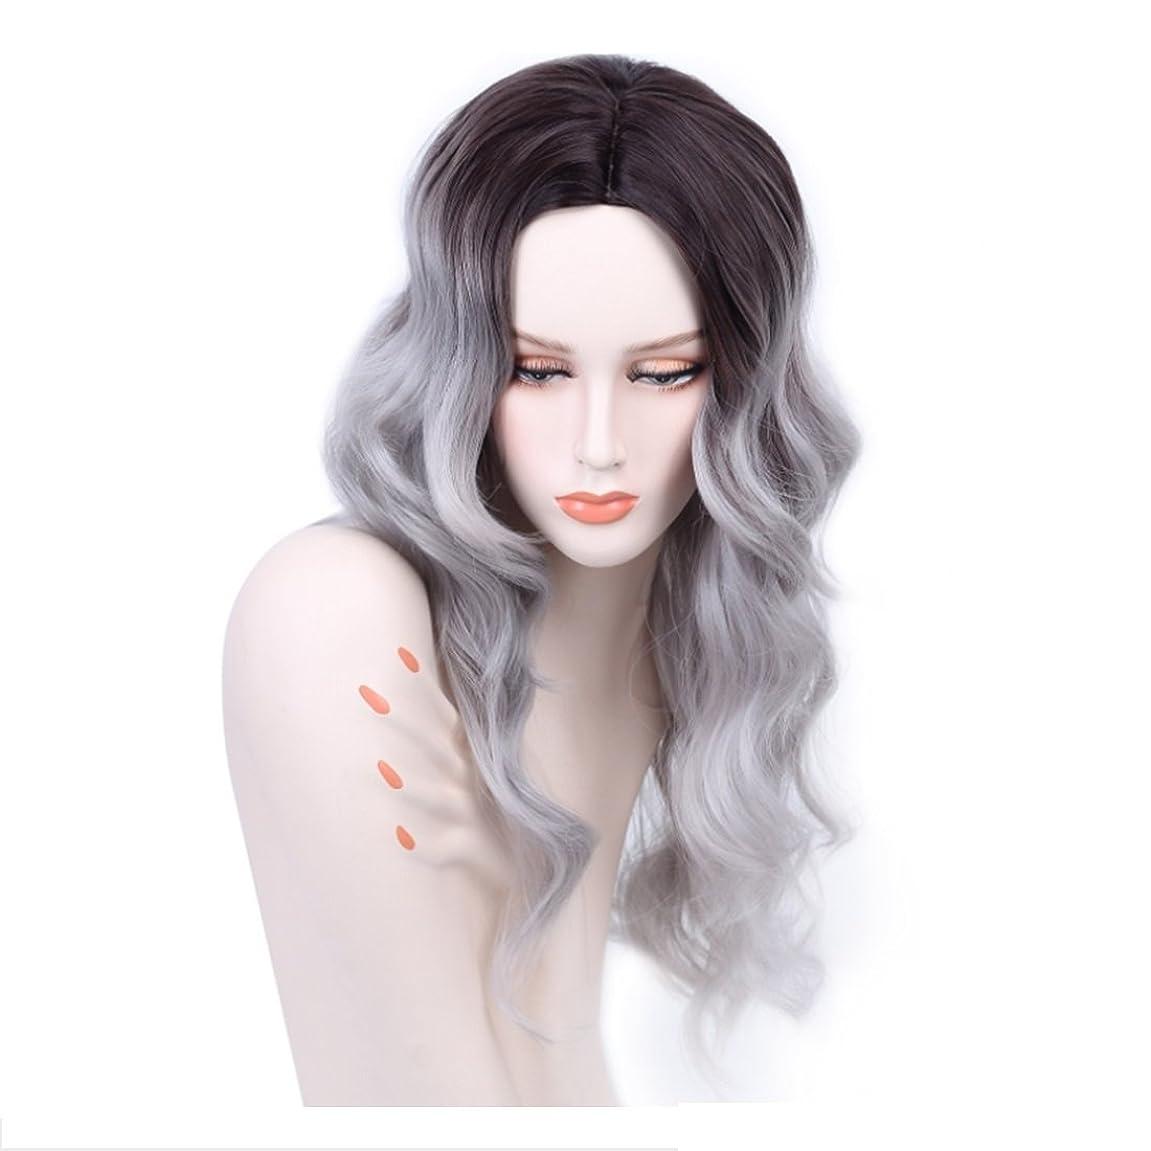 レース交通渋滞ビームKoloeplf 女性のための光沢のある現実的なかつらロングバンズの長いカーリーヘアウィッグ耐熱性のふわふわ毛髪かつら21インチ (Color : Black gradient gray)